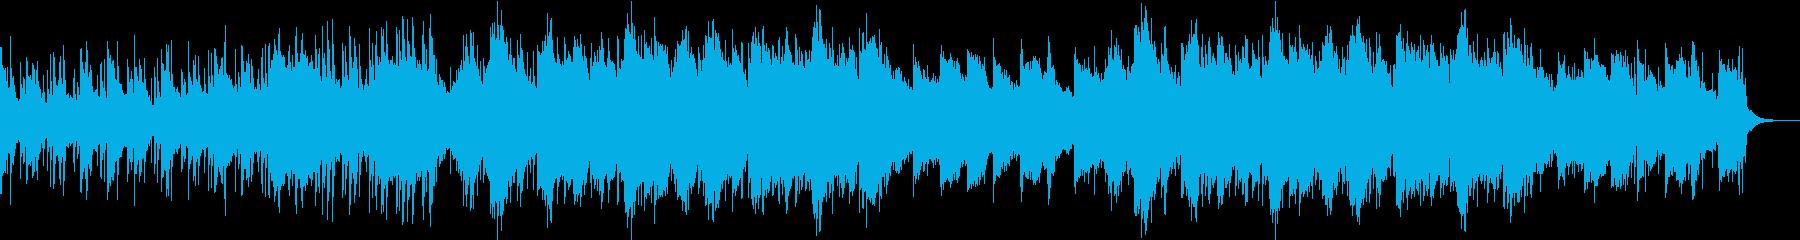 企業VPや映像に未来・華やかピアノBGMの再生済みの波形